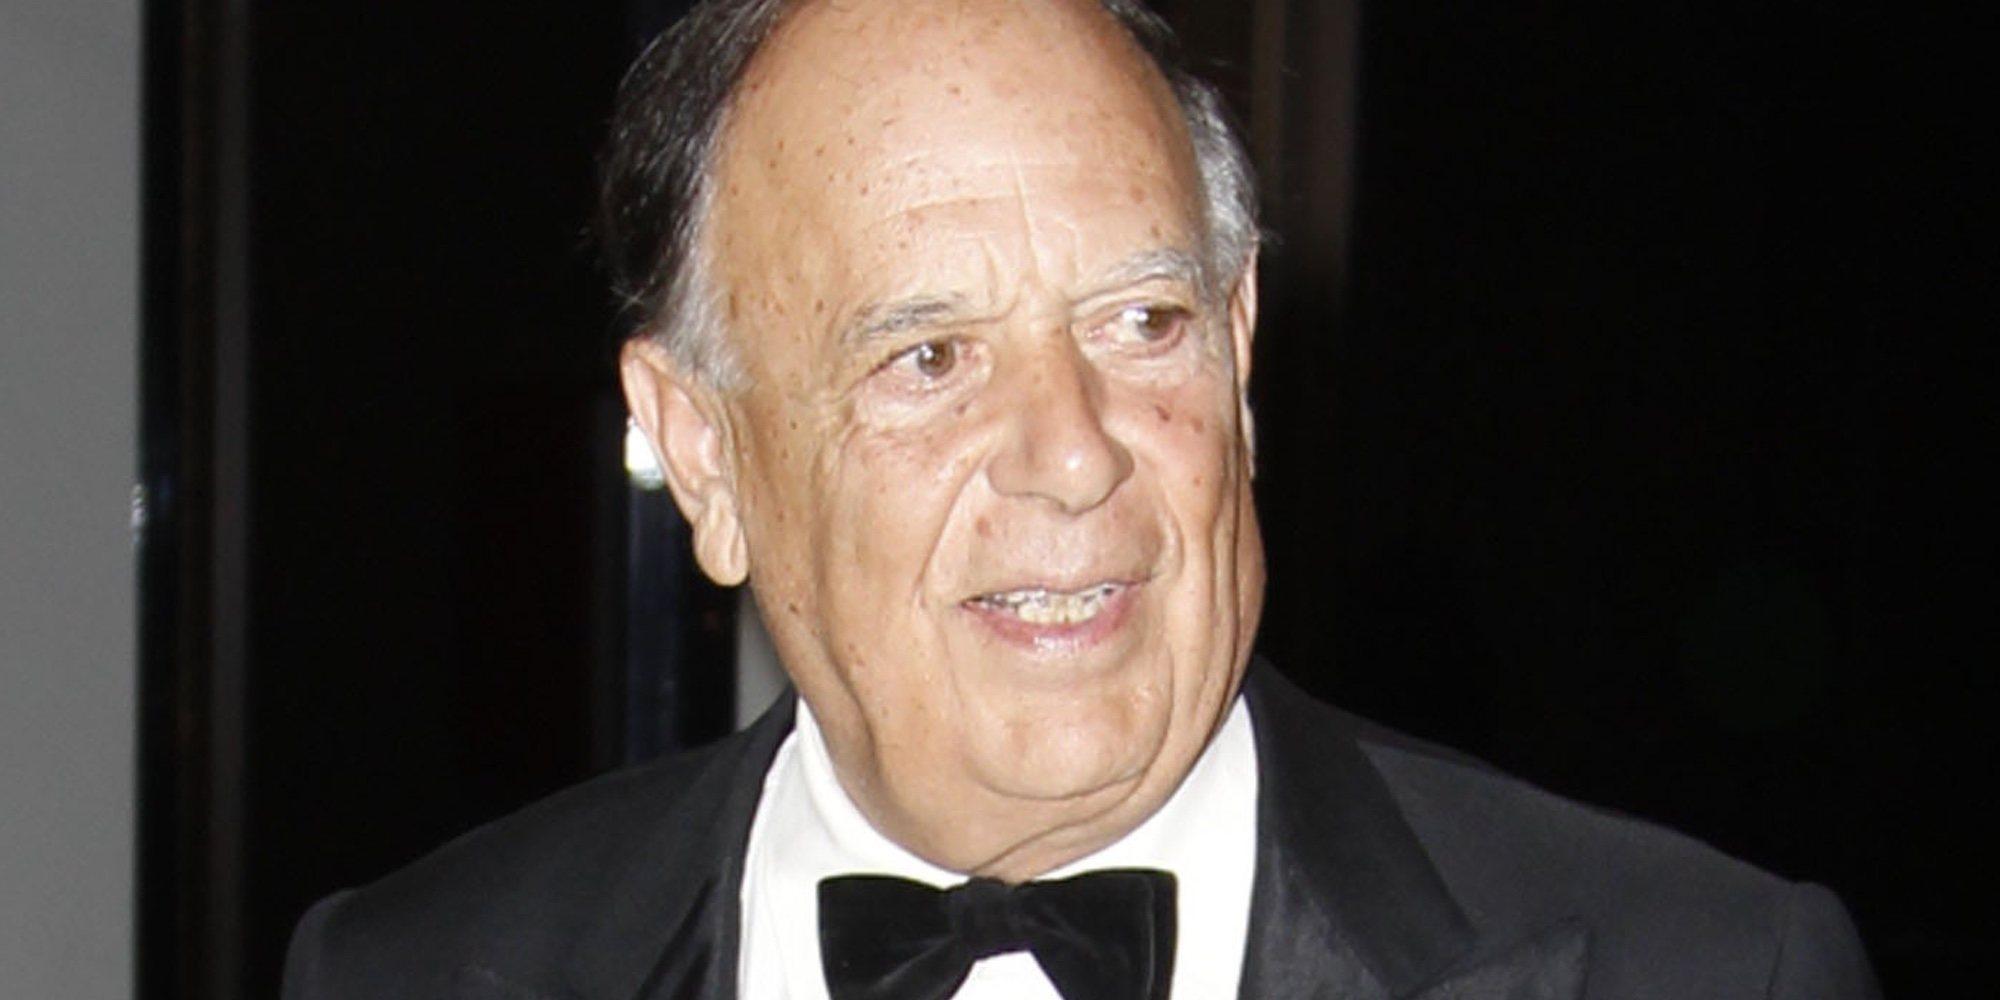 La reacción de Carlos Falcó a la participación de su hija Tamara Falcó en 'MasterChef Celebrity 3'